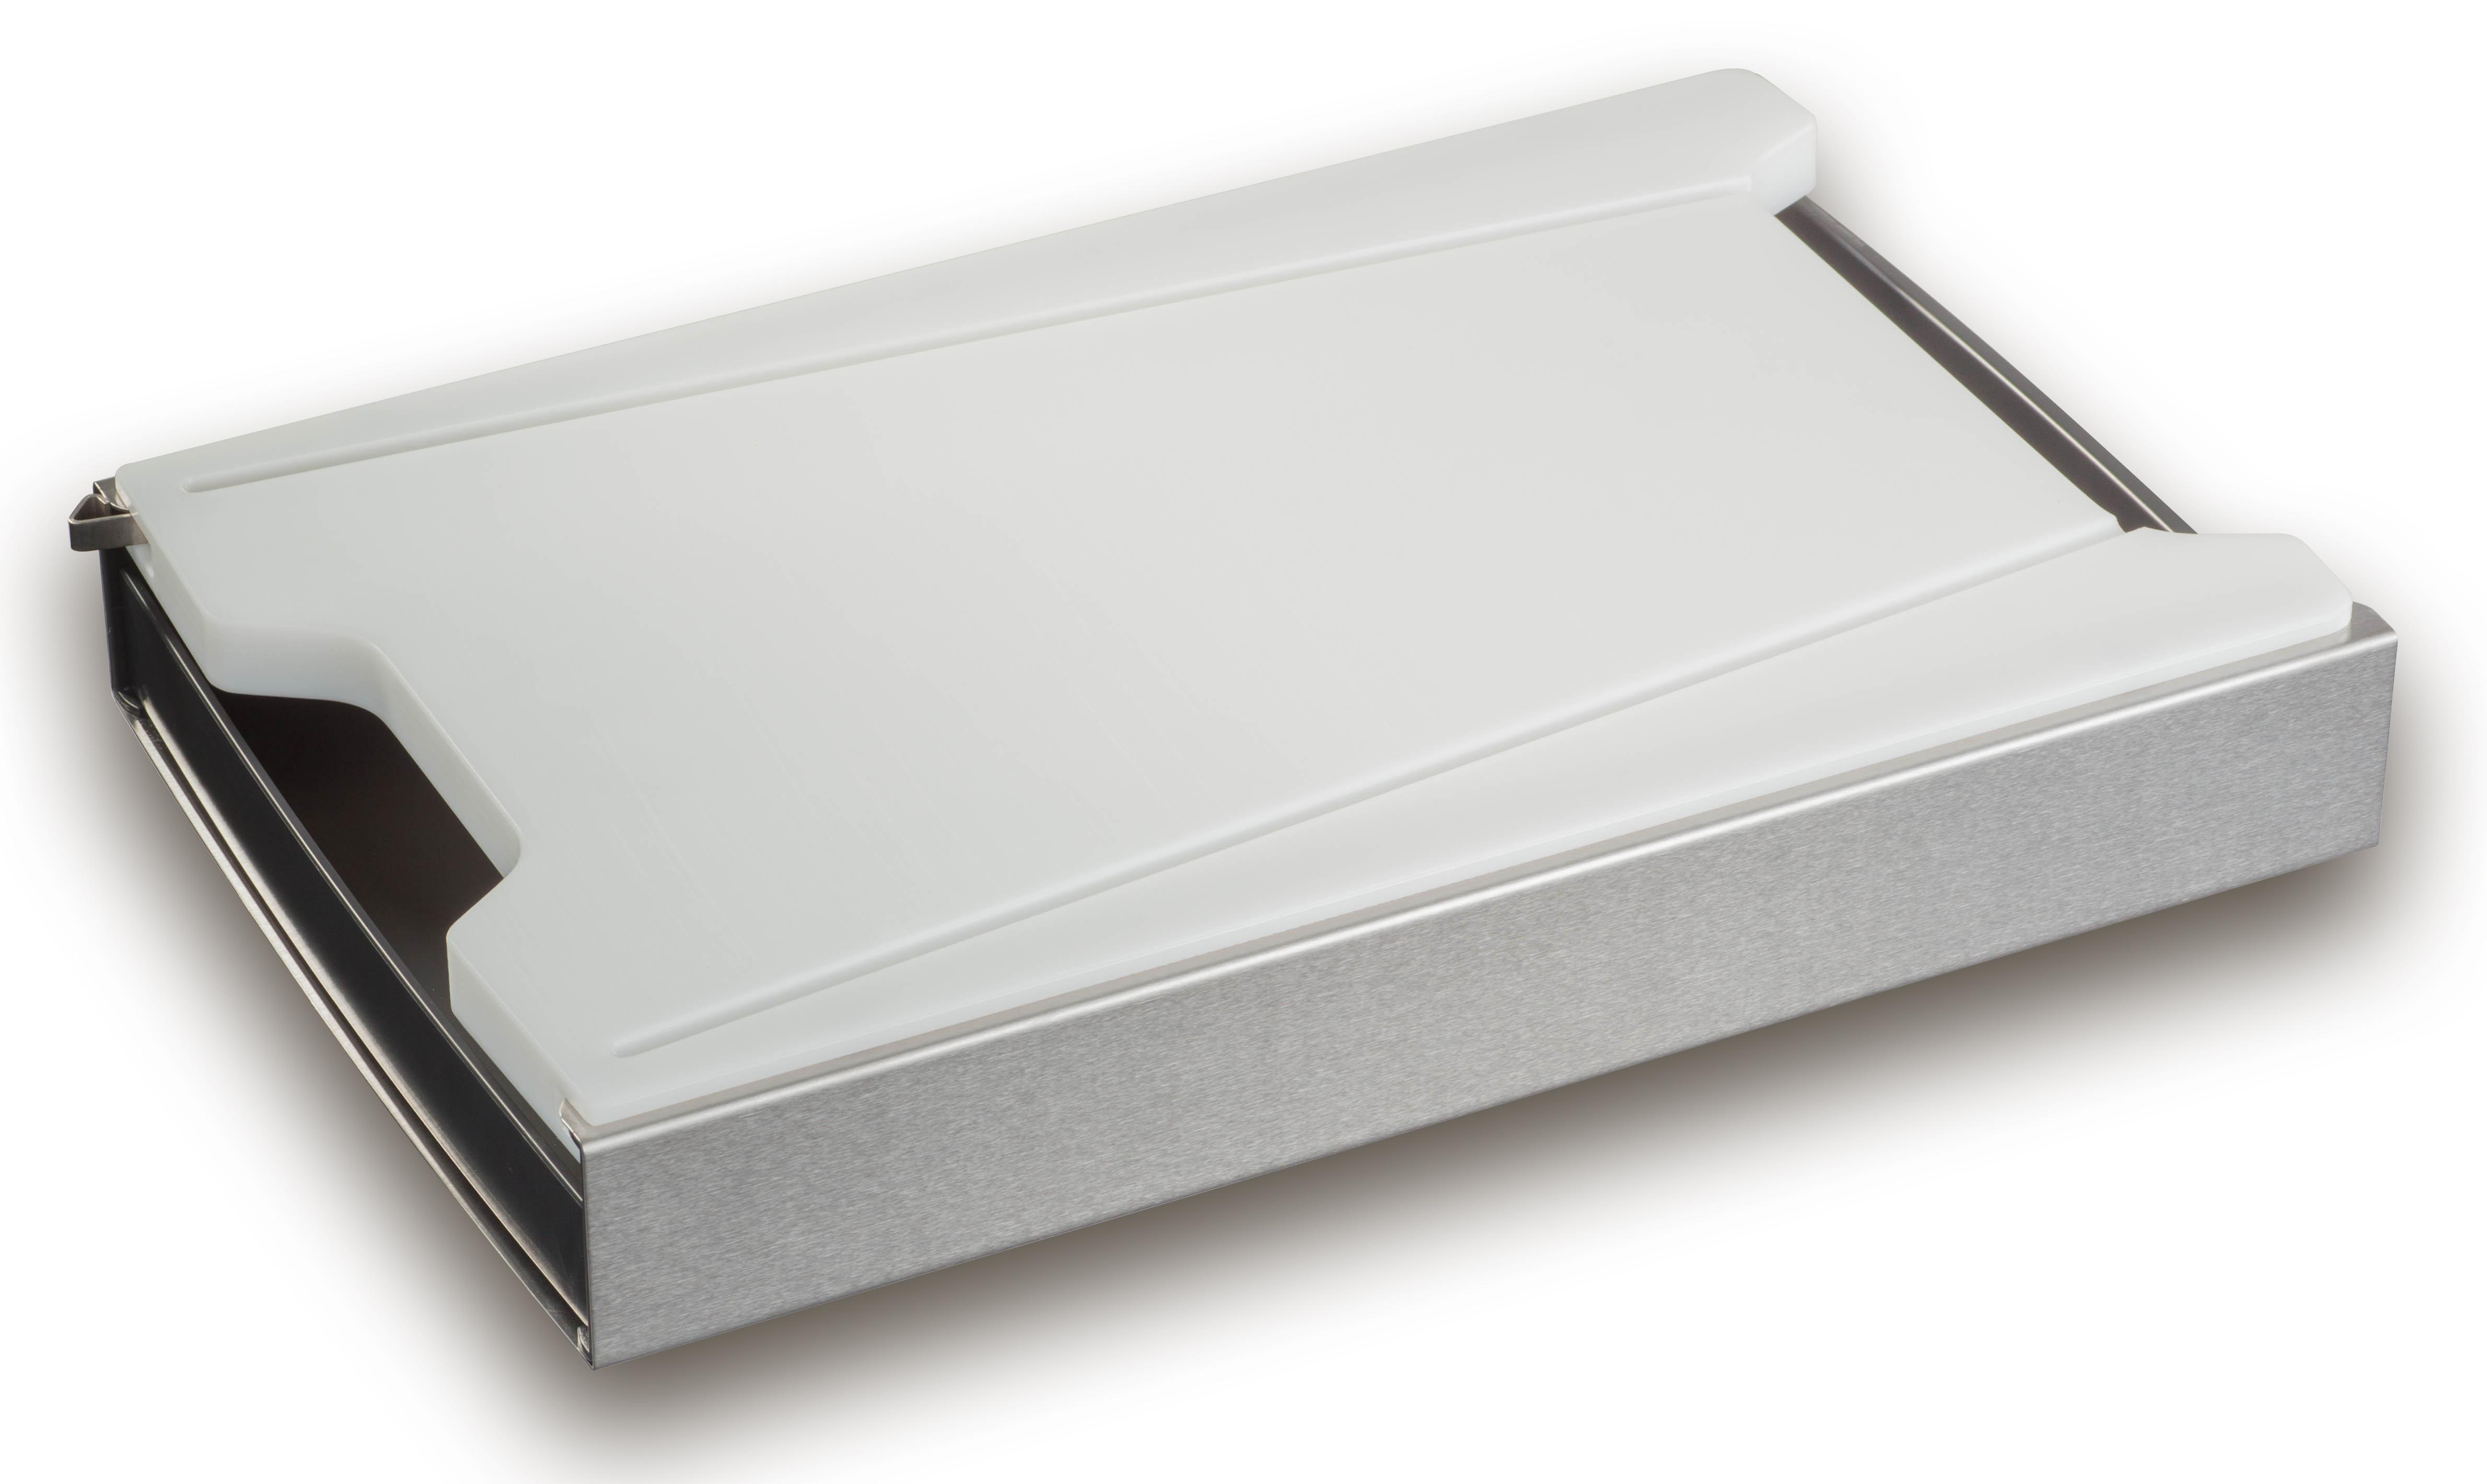 schneidbox-kunststoff-46x30x7-cm-2700-1010